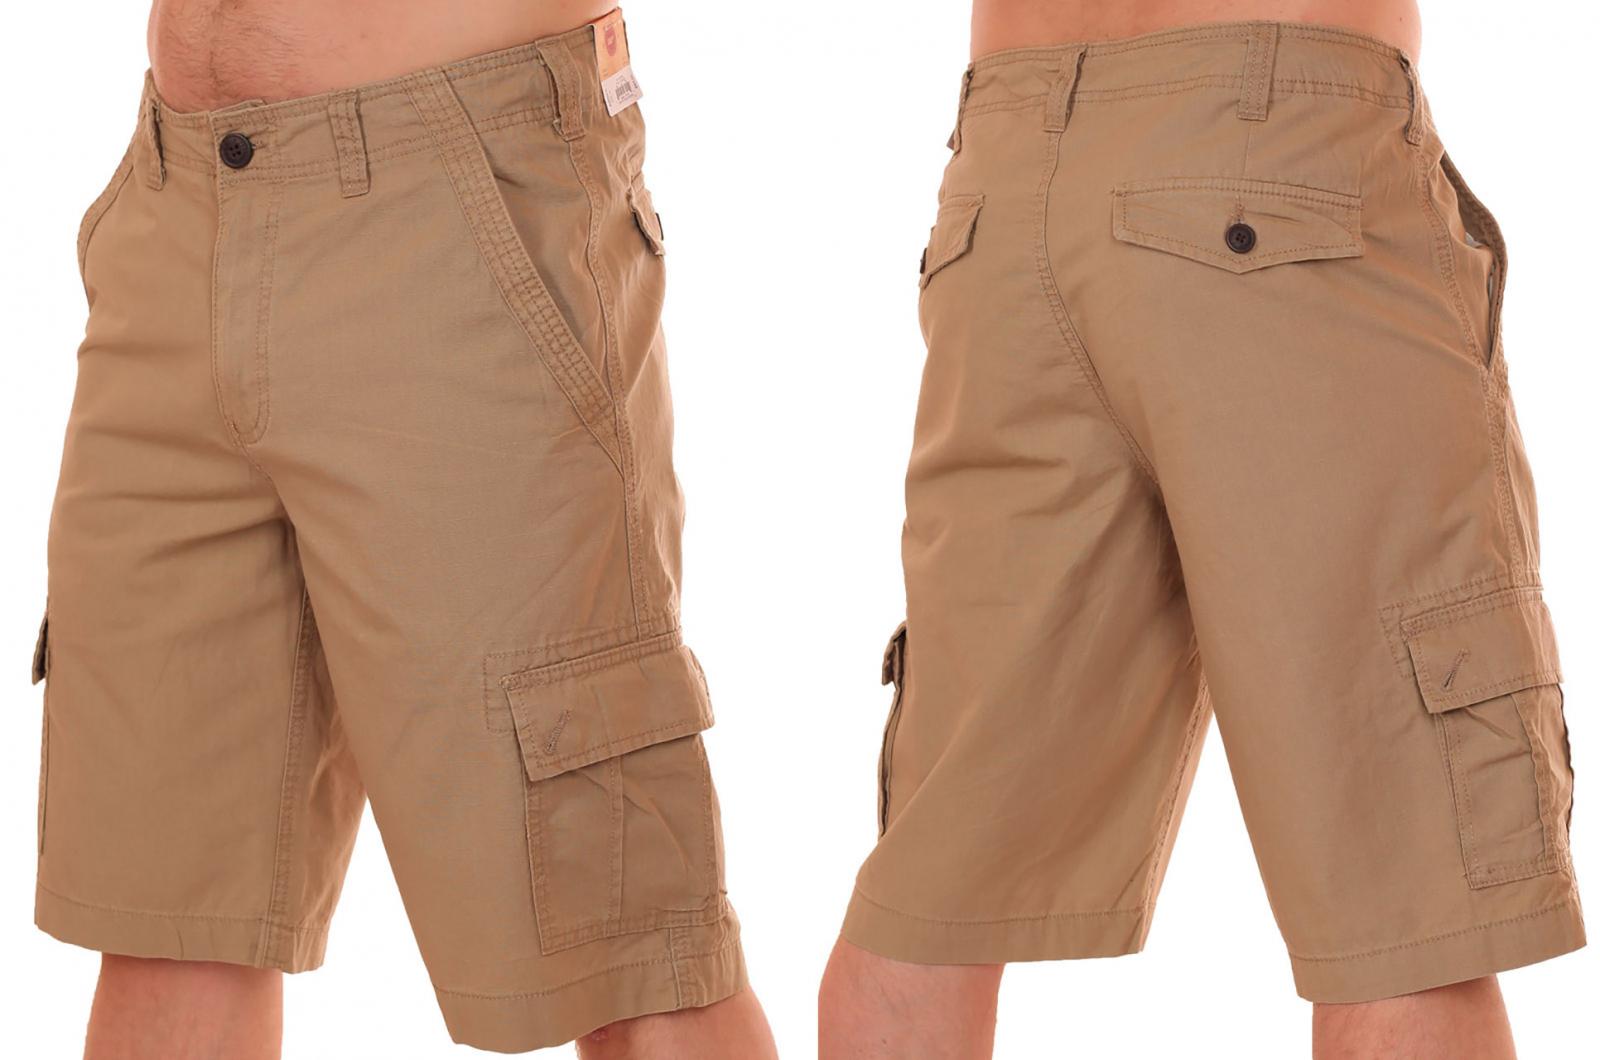 Заказать мужские шорты от Urban для летнего отпуска